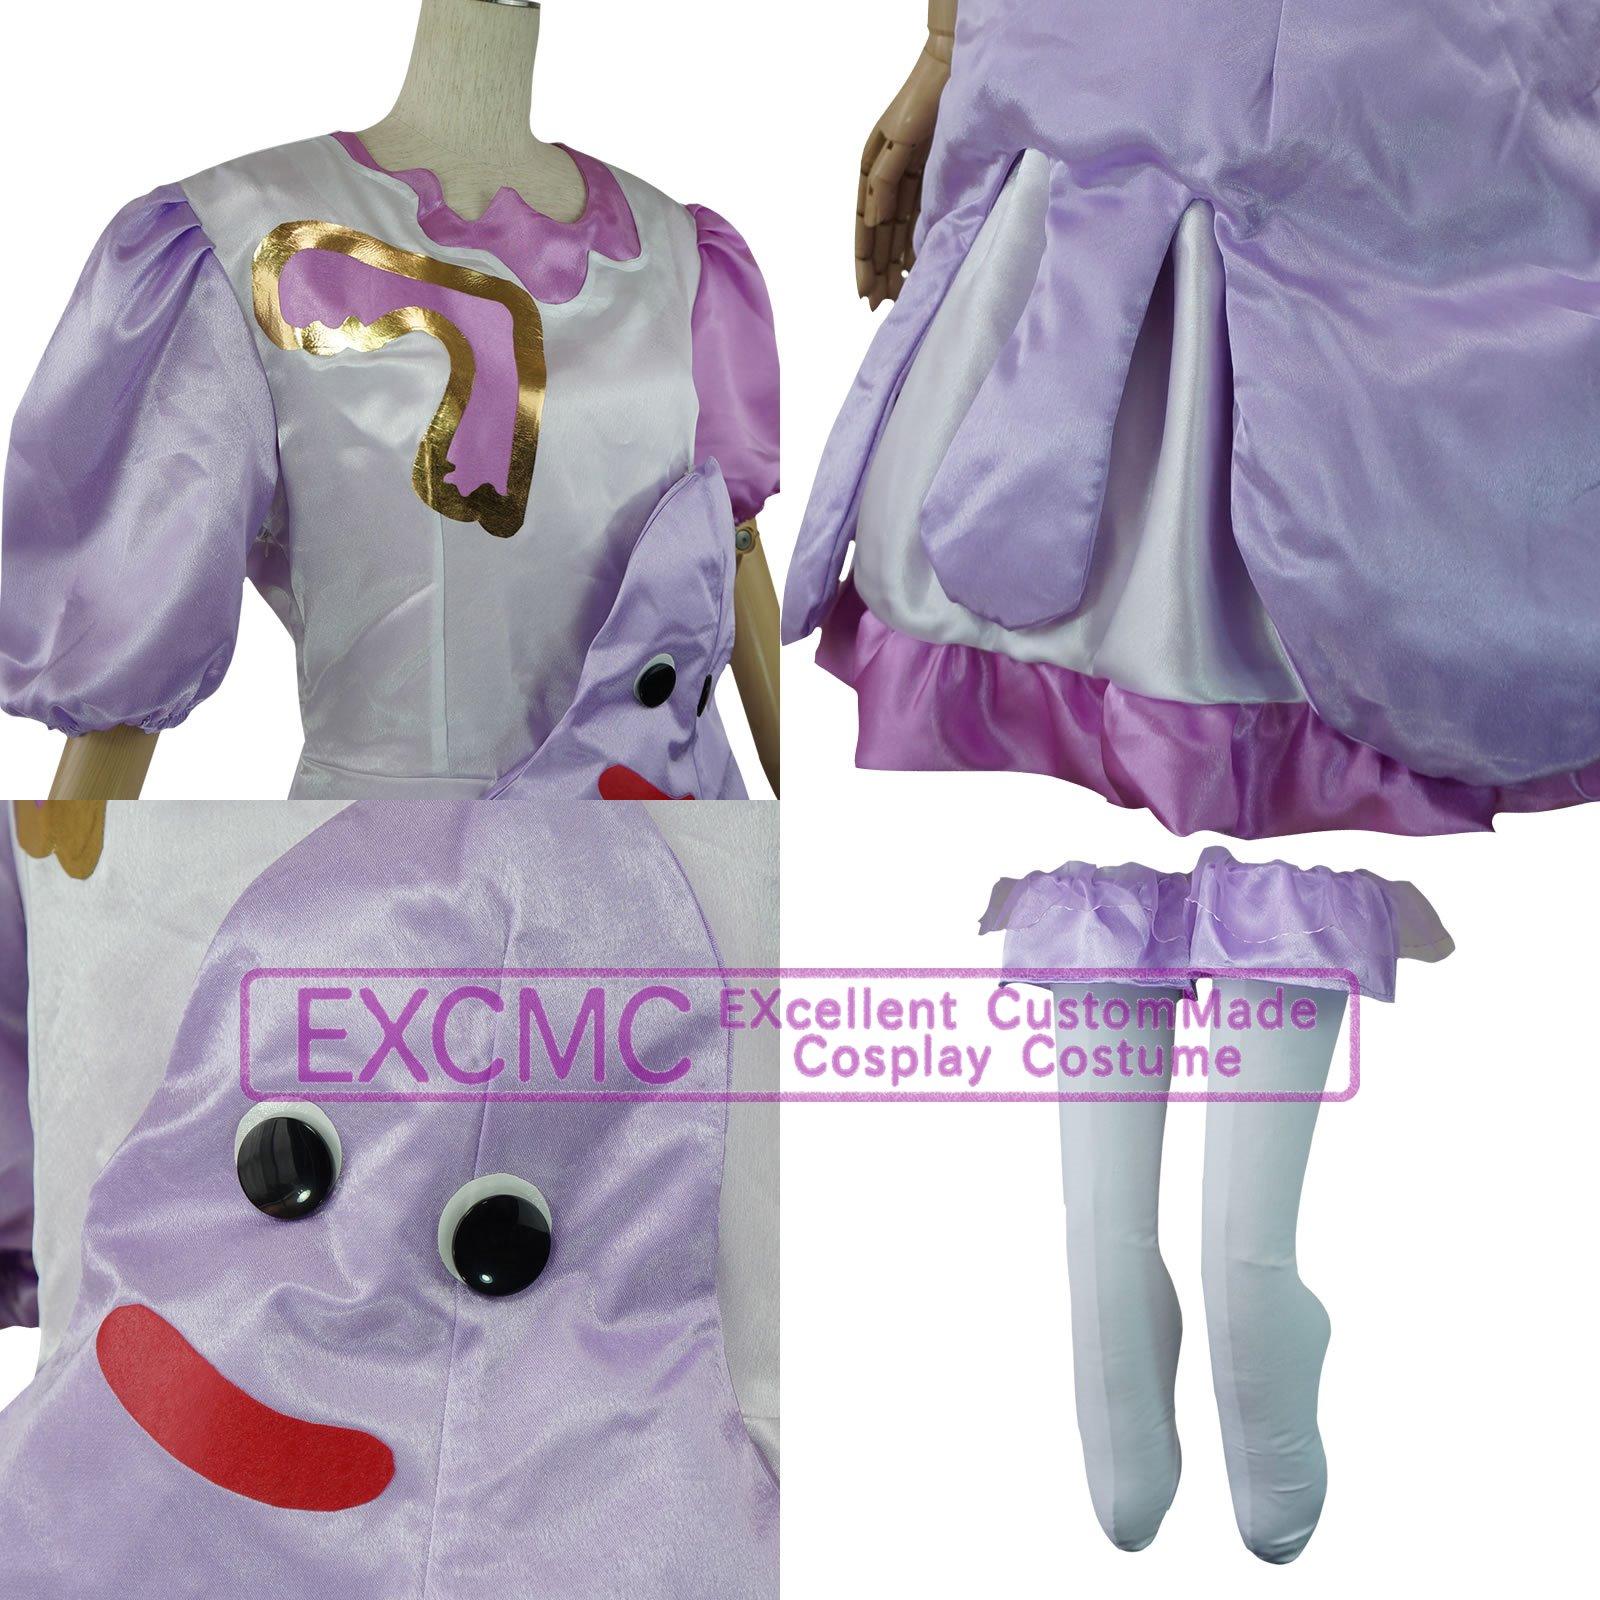 私立恵比寿中学 星名美怜 おもちゃビッグガレージ 風 衣装5